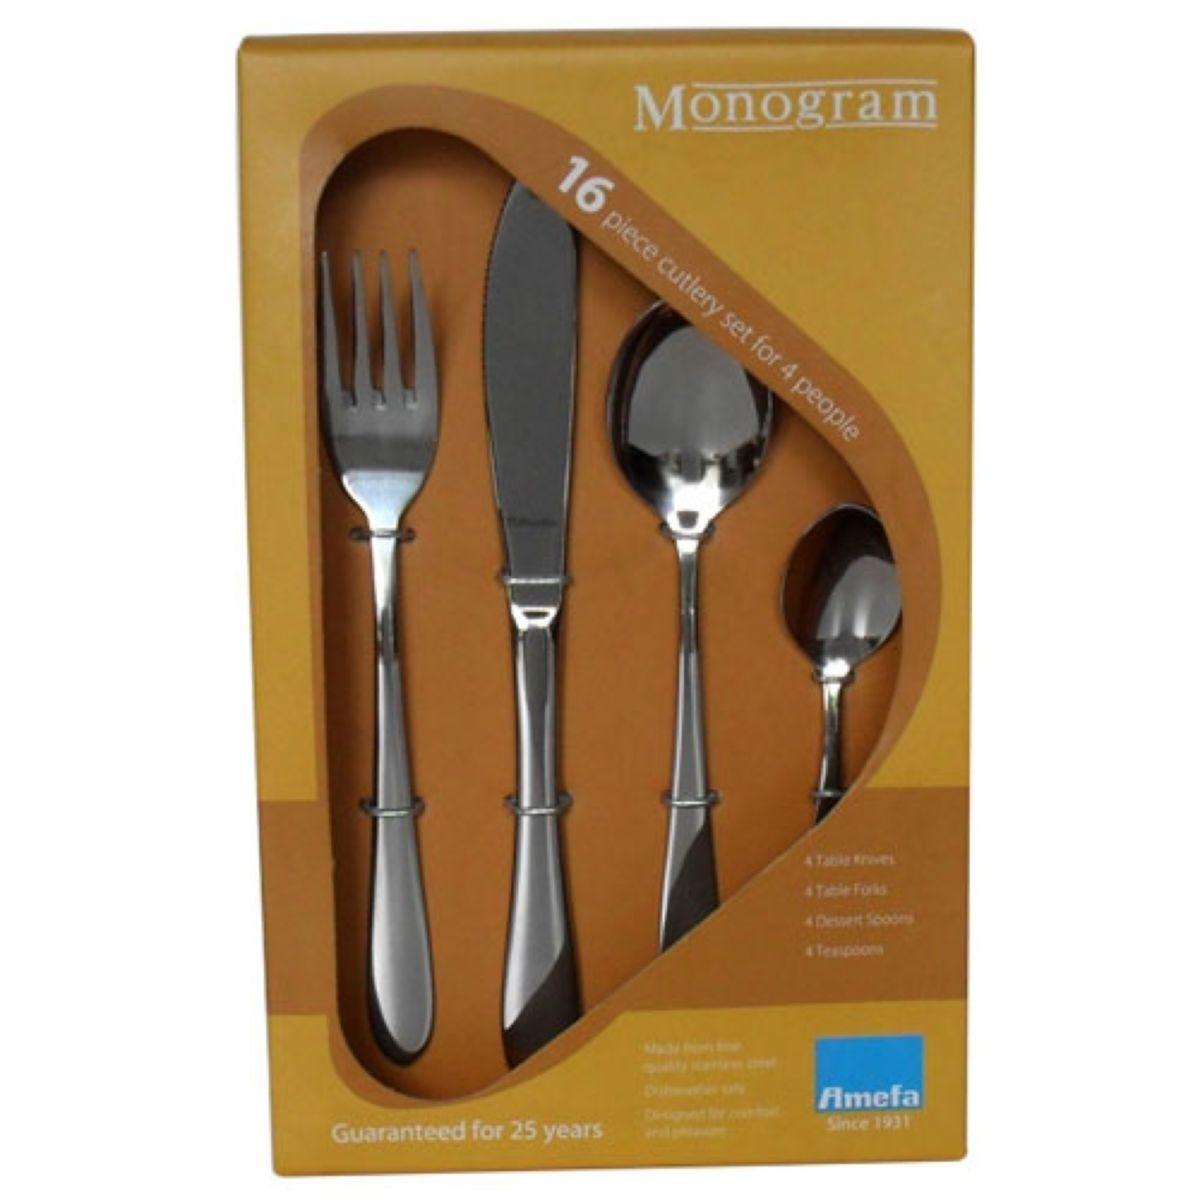 Monogram Sure 16 Piece Cutlery Set